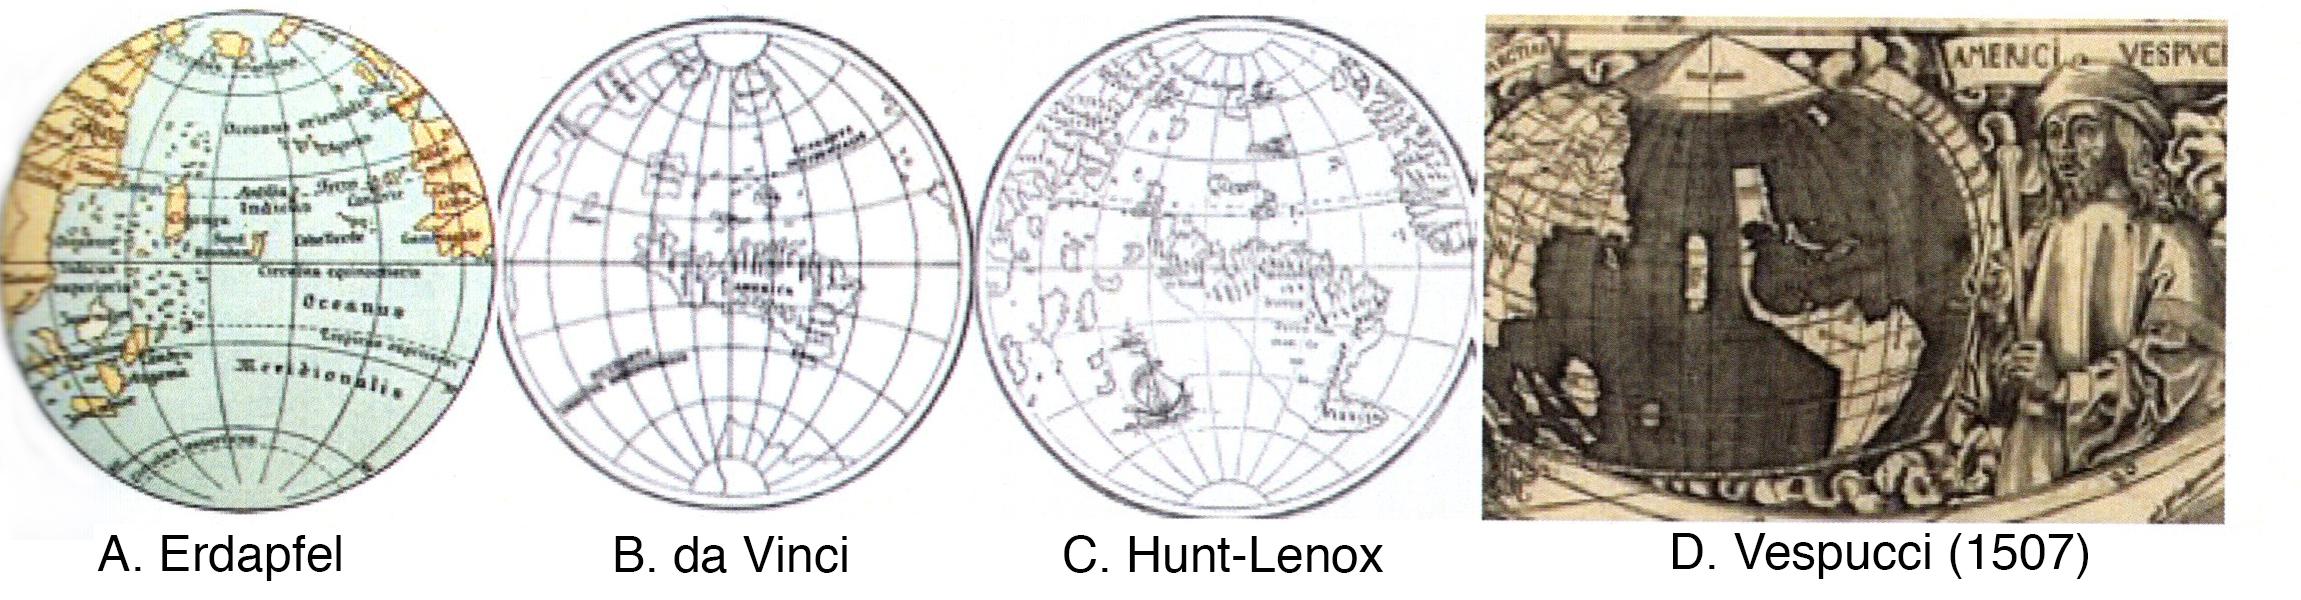 World Map Comparison